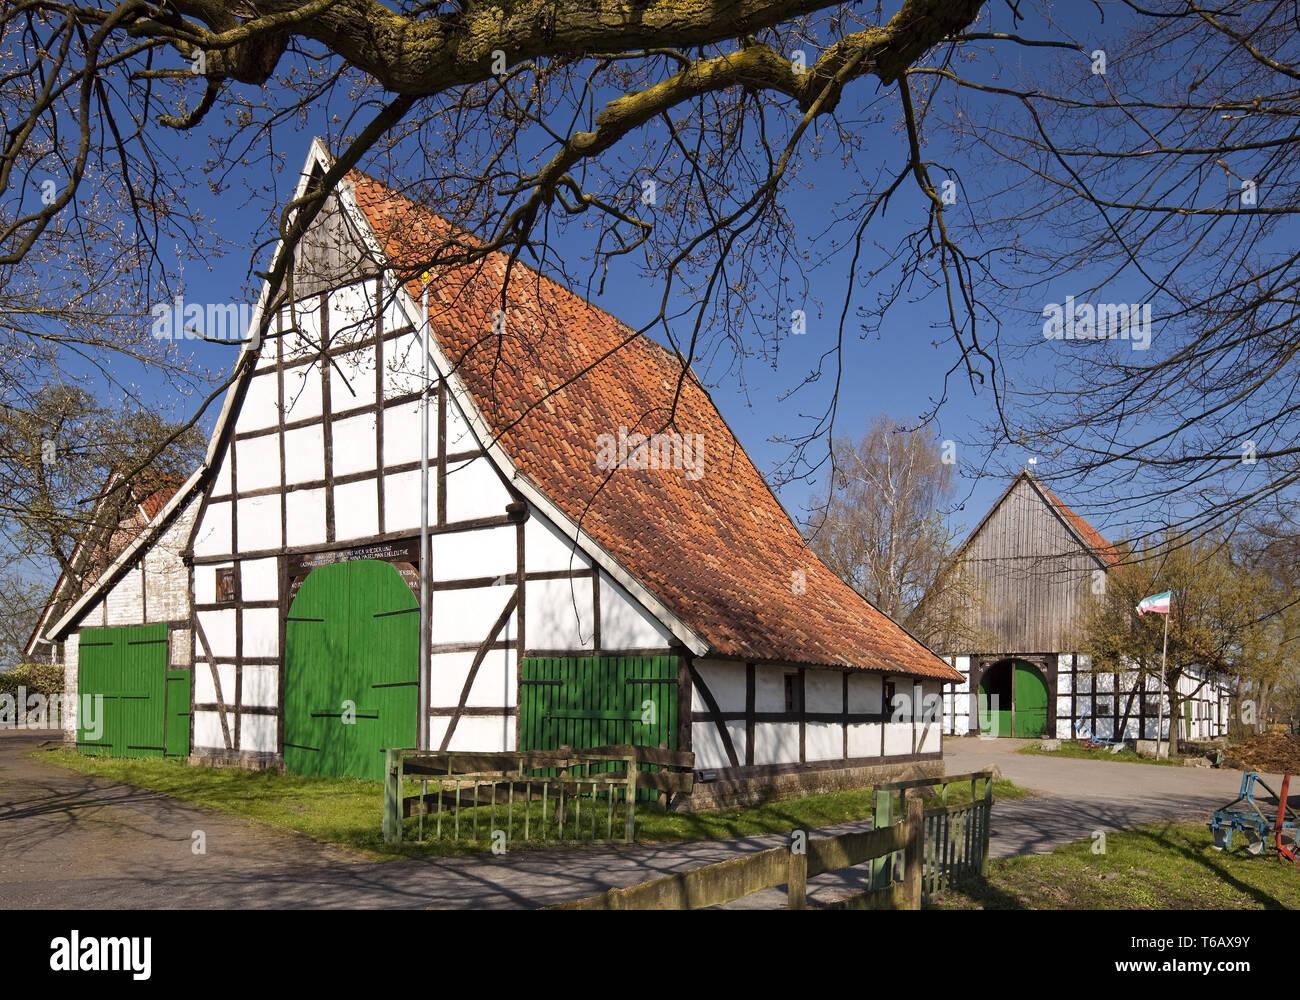 Chambre d'agriculture à pans de bois, Dollberg, Ahlen, Münster, Rhénanie du Nord-Westphalie, Allemagne Photo Stock